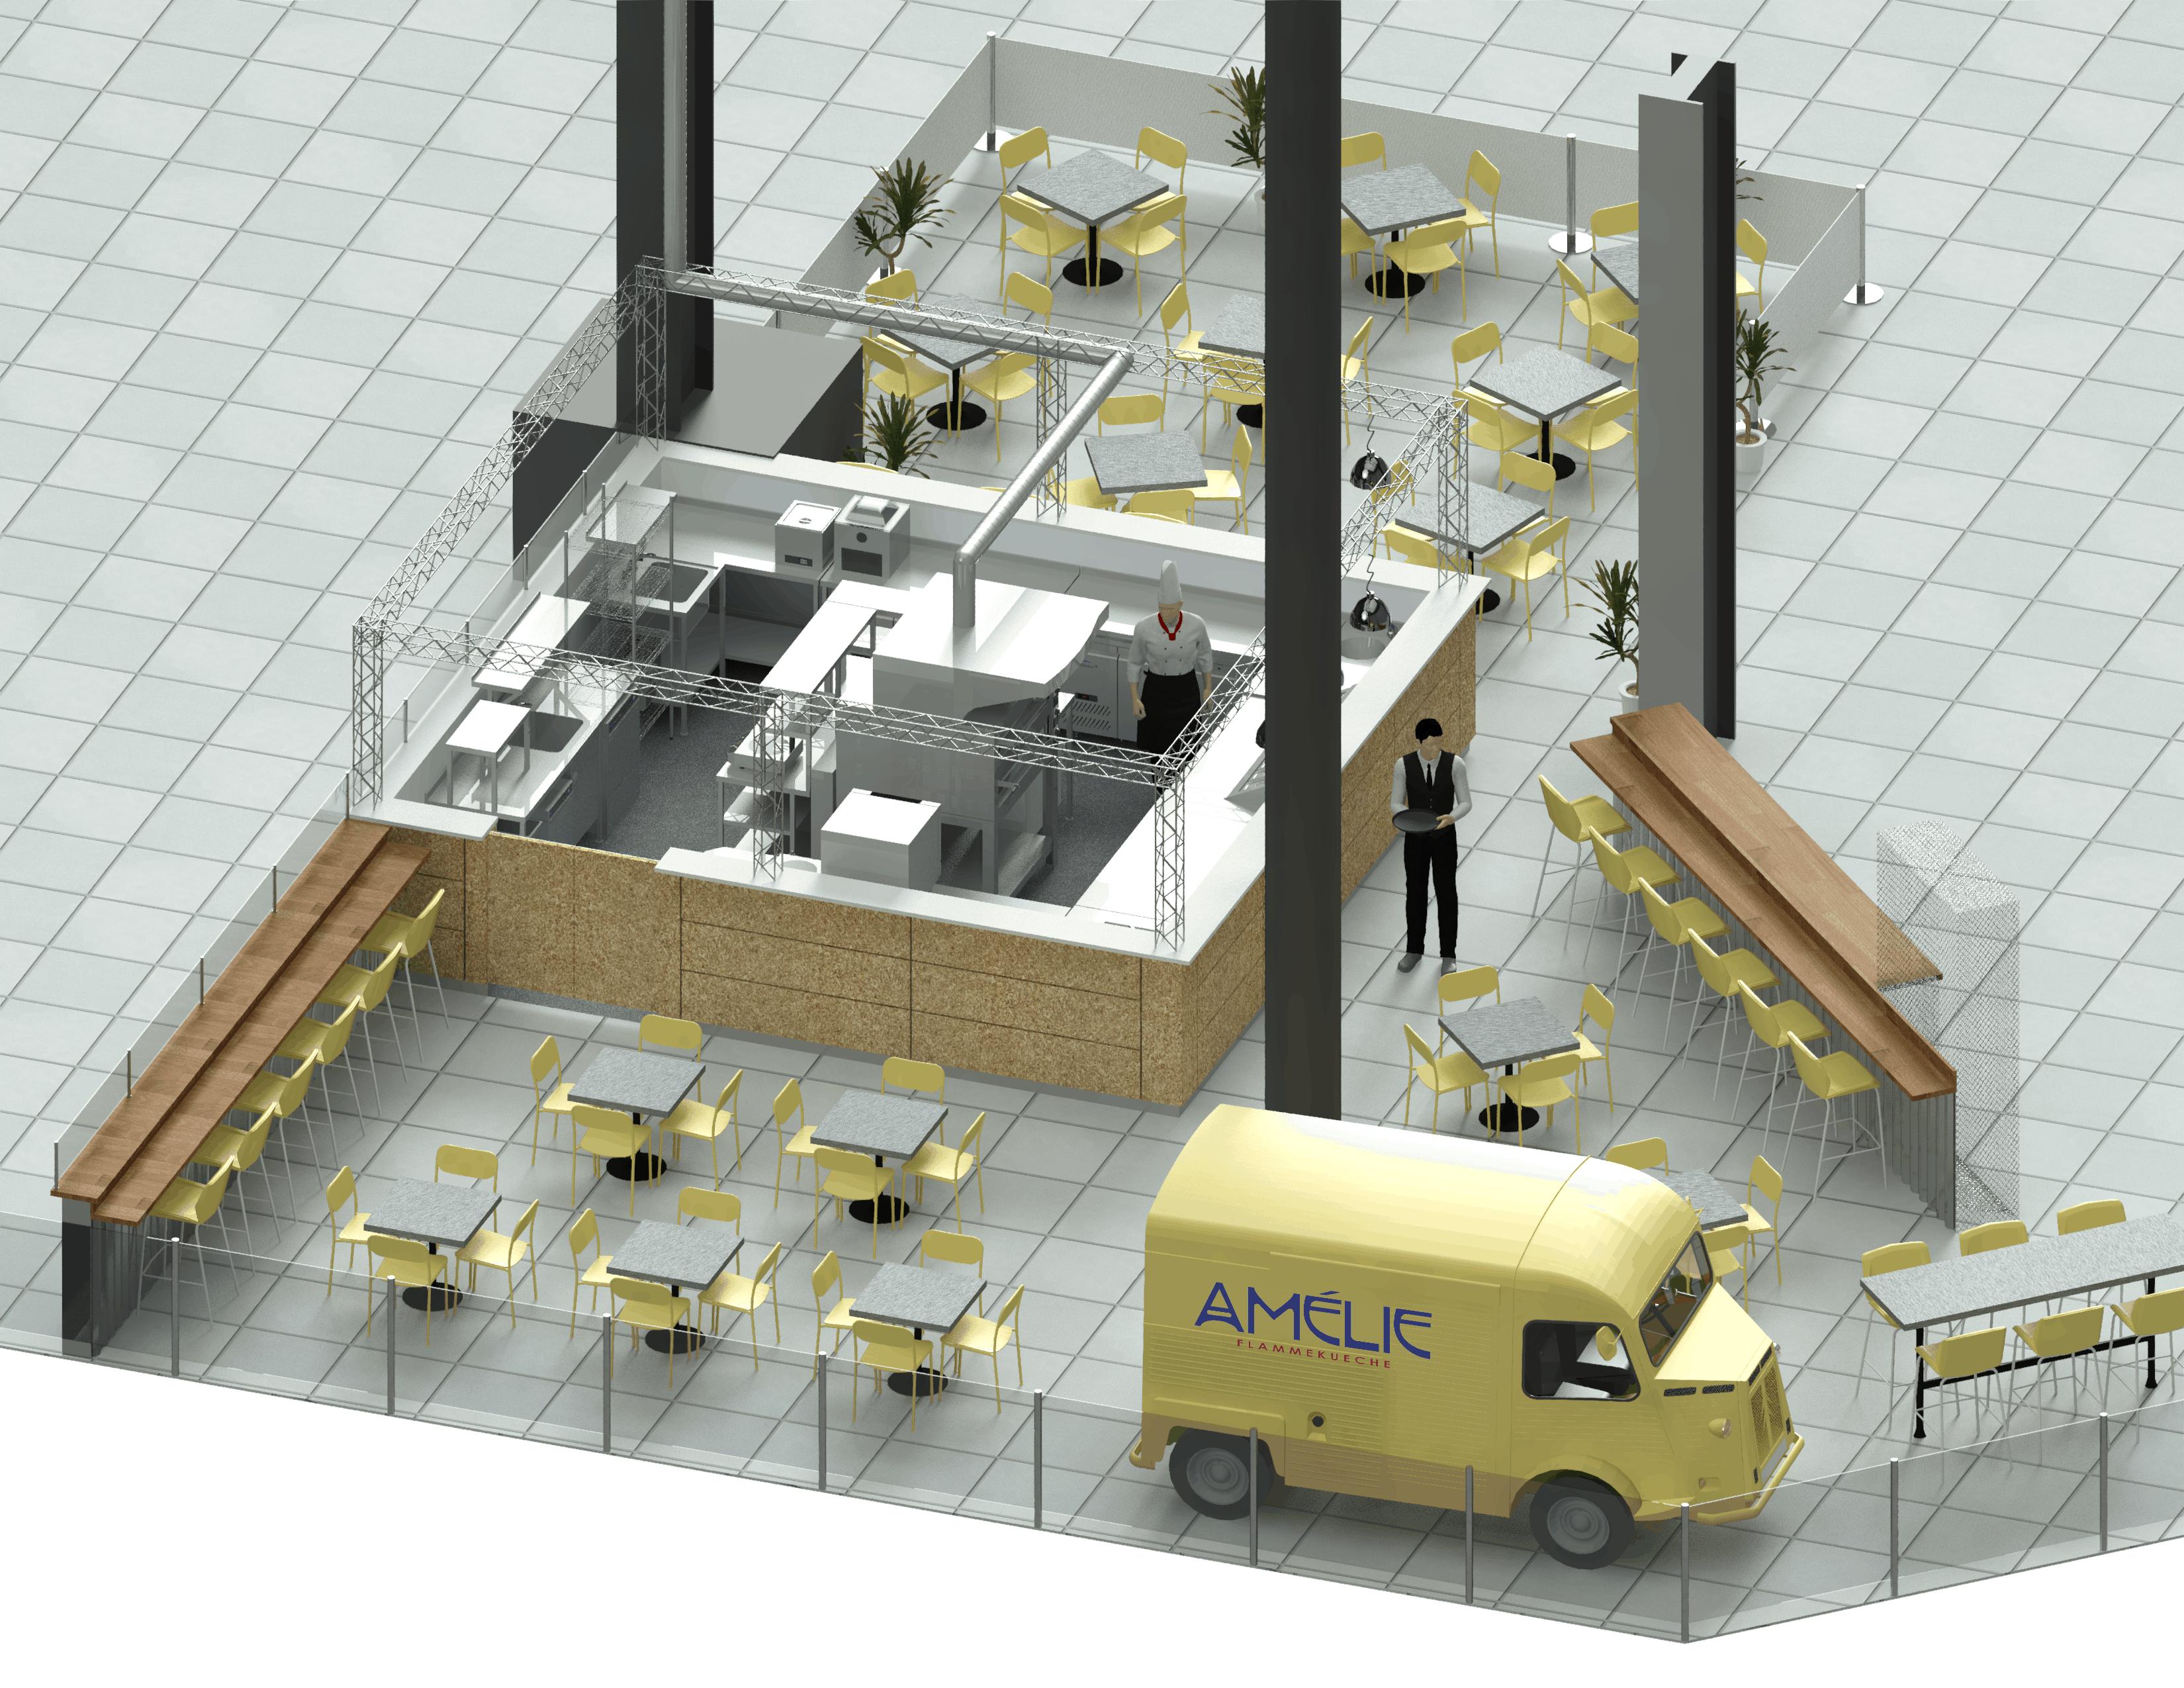 Commercial Kitchen Design at Amélie Cambridge